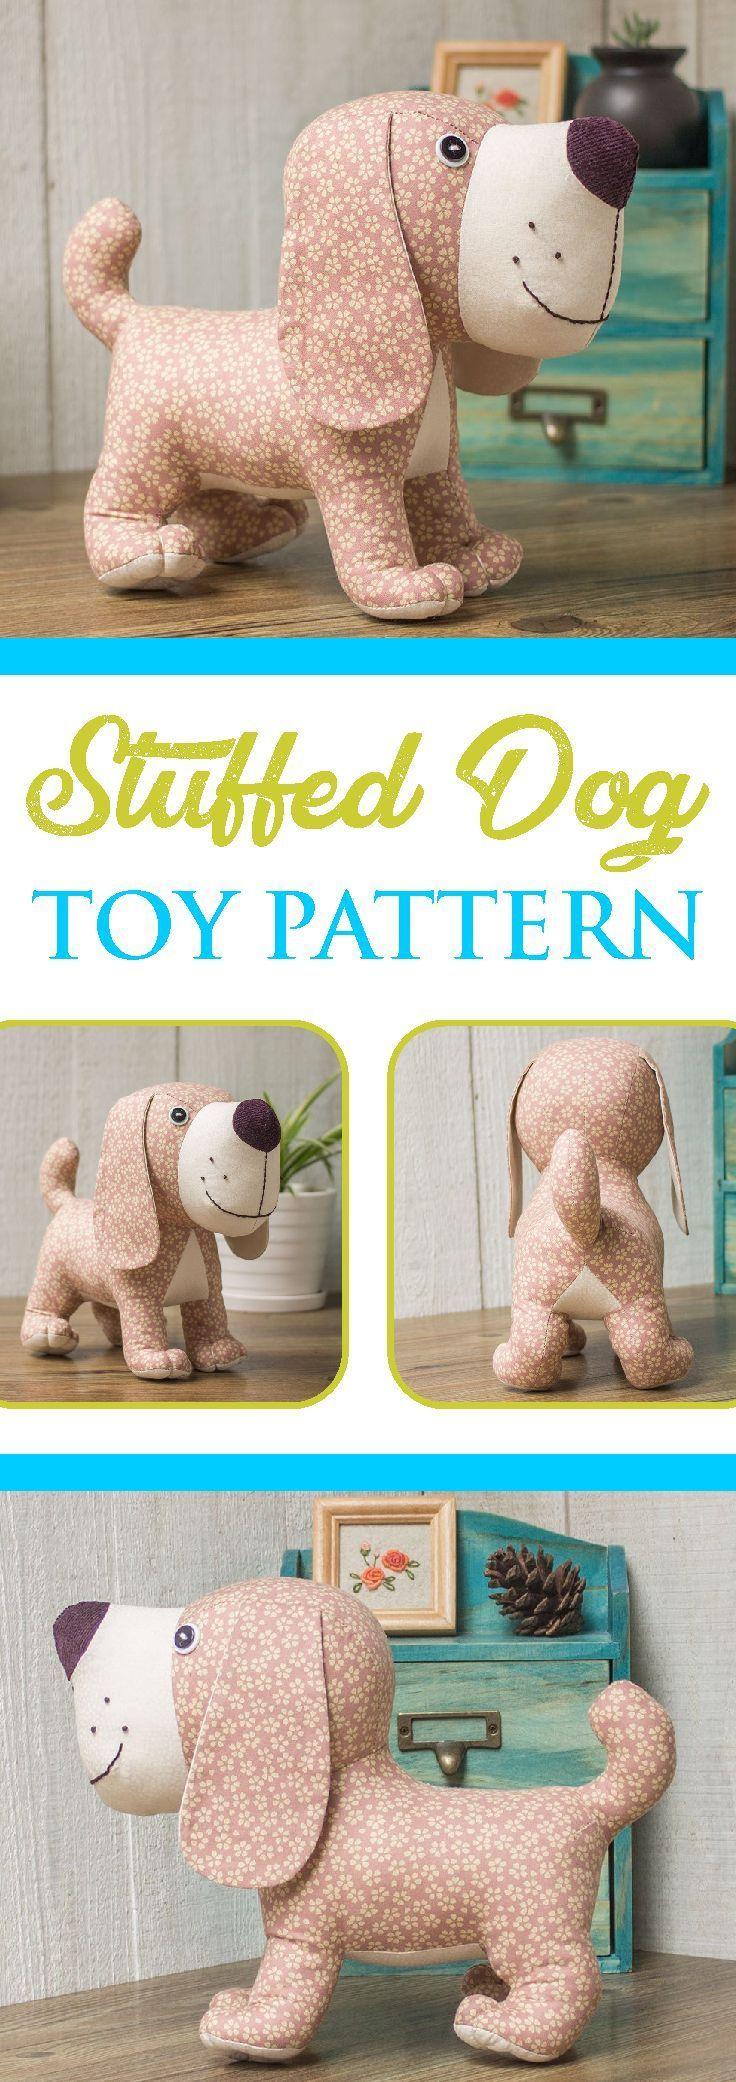 Stuffed Dog Toy Pattern | Soft Plush Animal Sewing Pattern to Sew